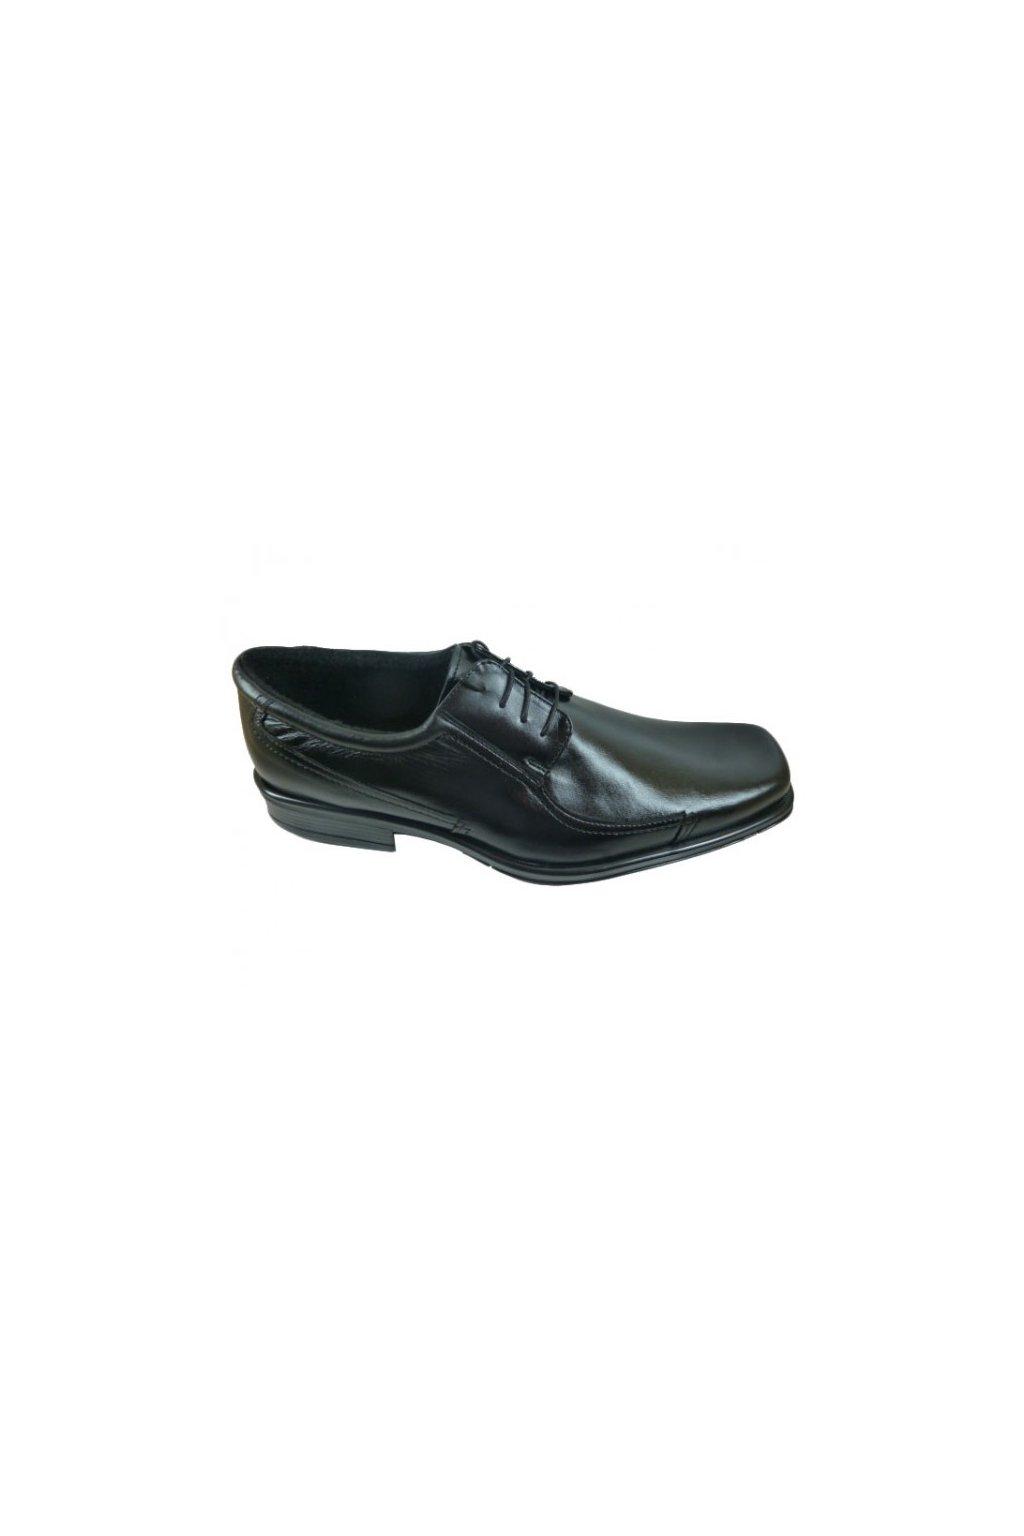 Nadměrná pánská obuv Kuda 523 zimní